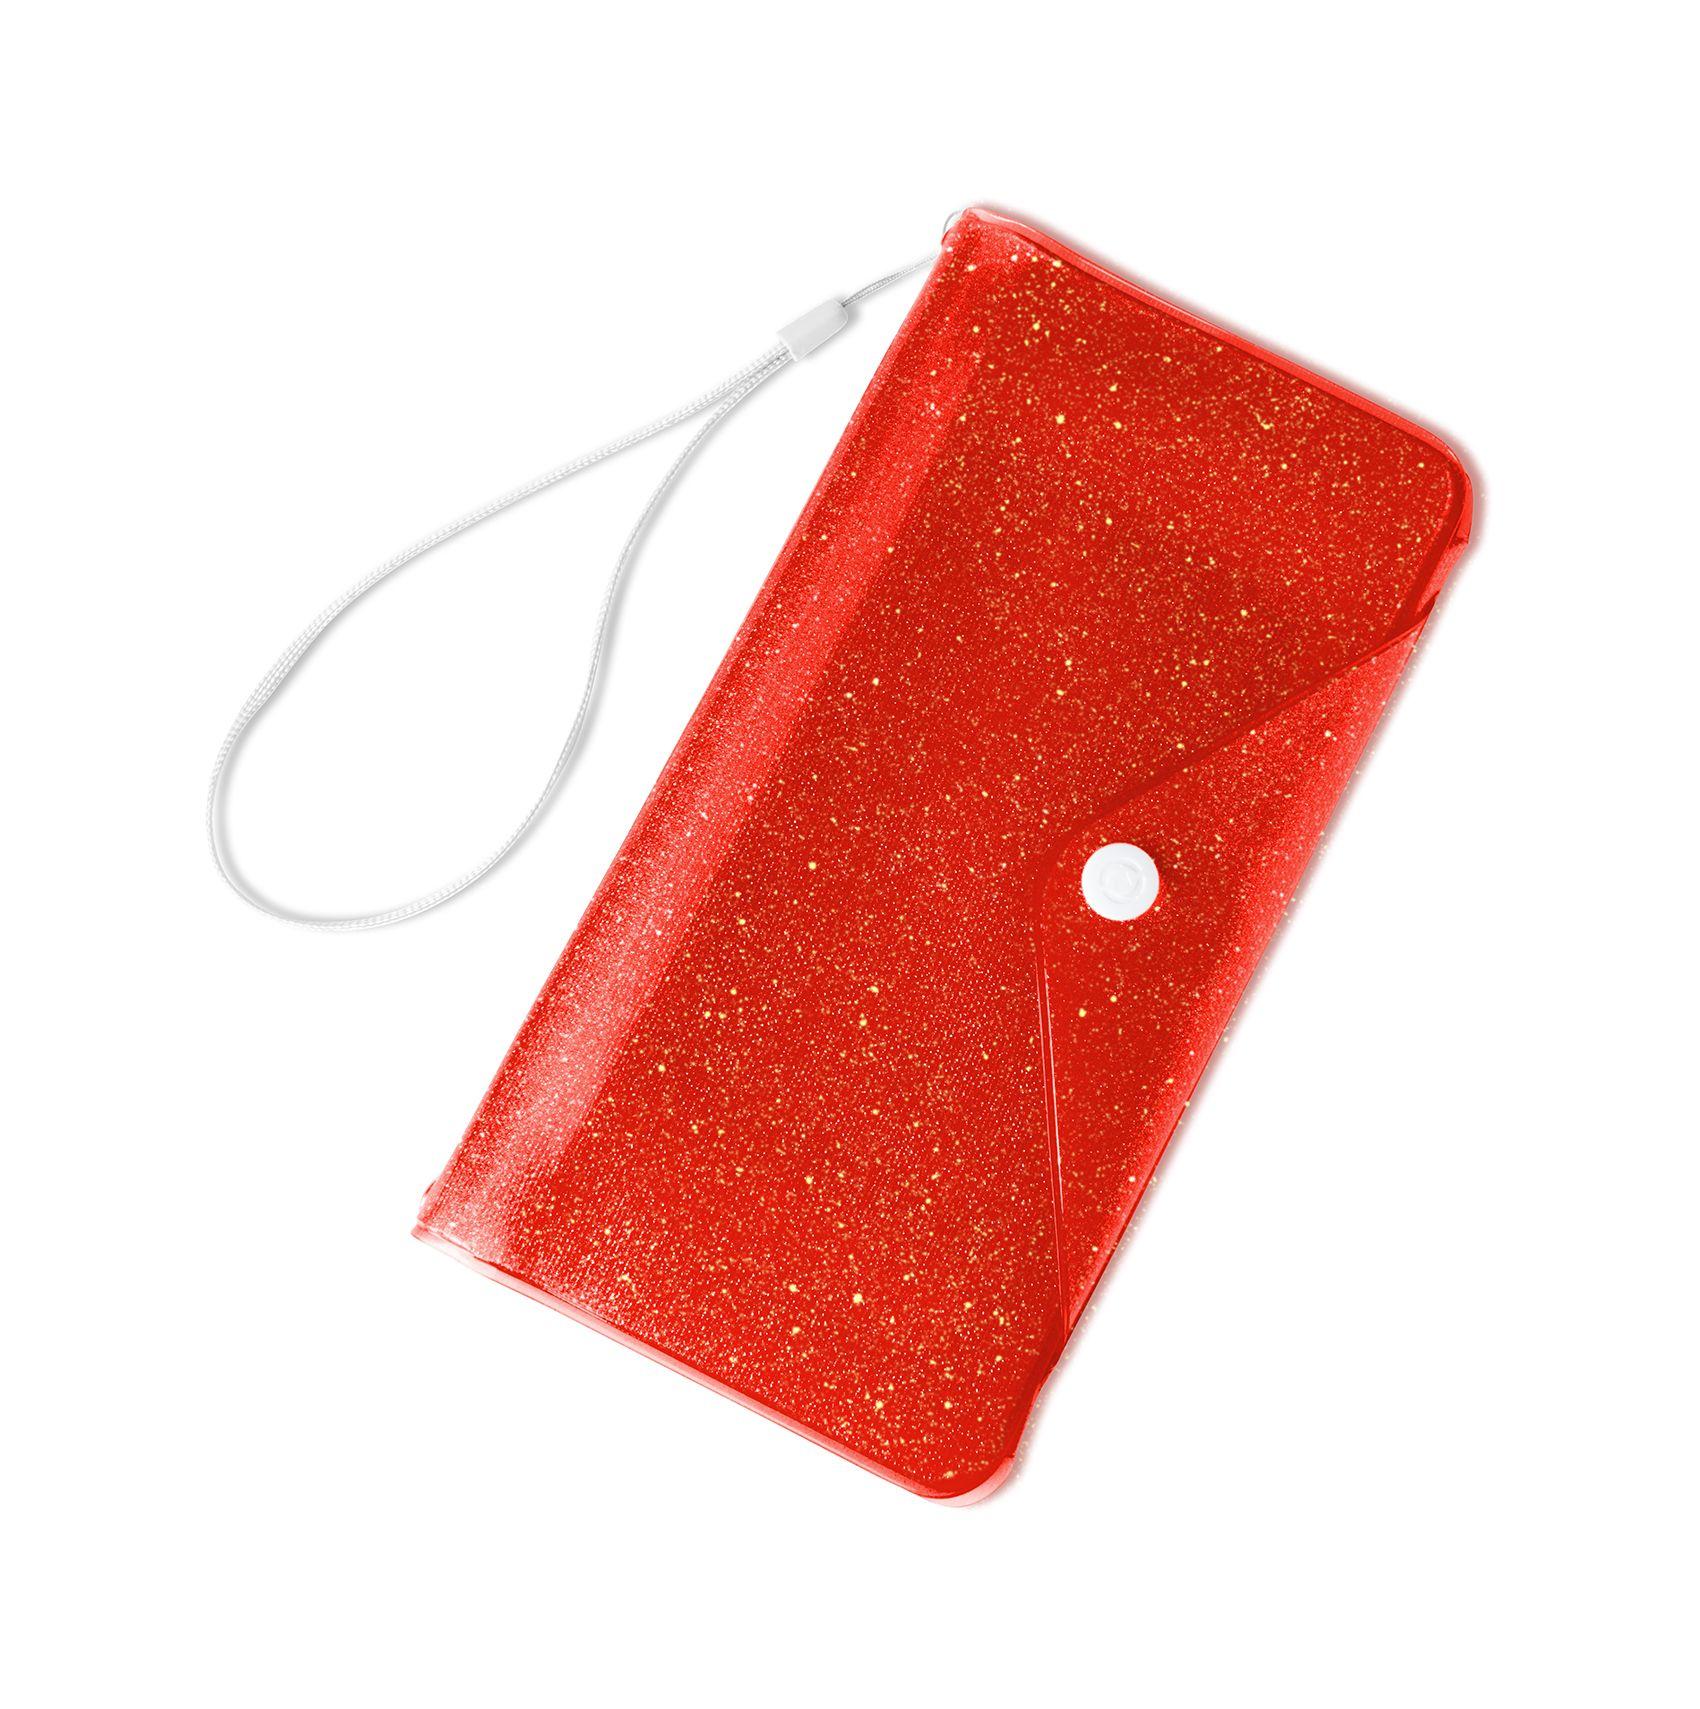 """Univerzální voděodolné pouzdro s peněženkou CELLY Splash Wallet pro telefony 6,2 """", oranžové"""